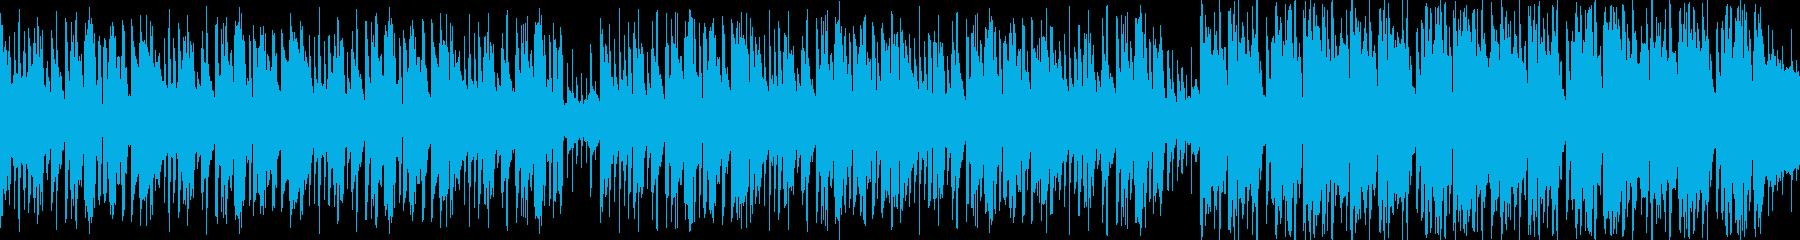 麻雀/リーチ/EDM/ループの再生済みの波形